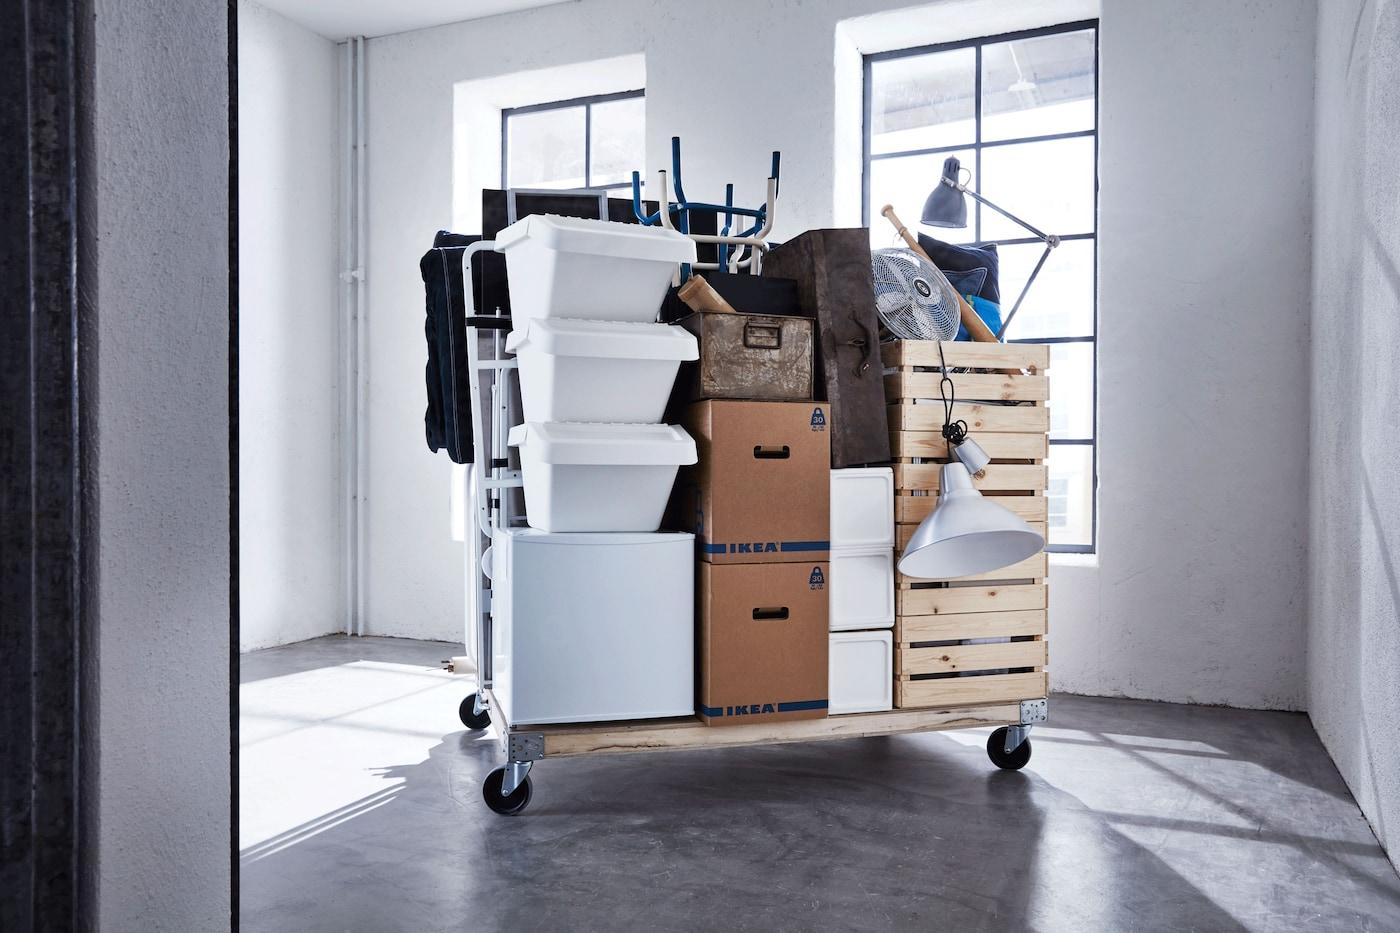 Appartement emballé et déplacé dans des boîtes, sur un chariot.